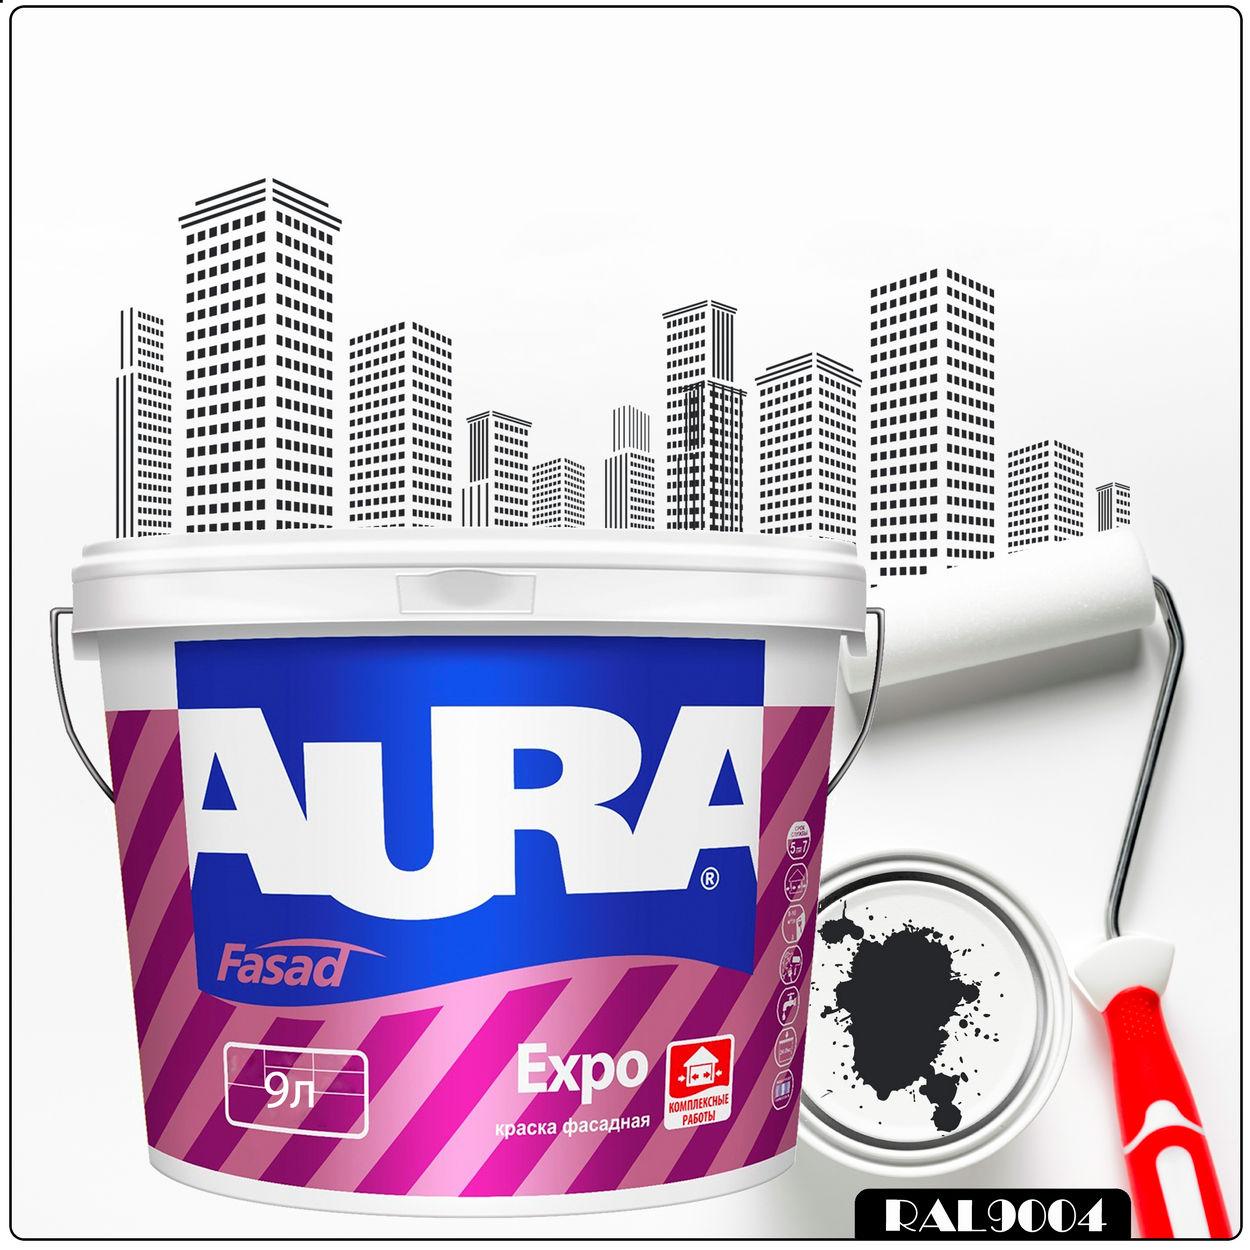 Фото 4 - Краска Aura Fasad Expo, RAL 9004 Сигнальный-черный, матовая, для фасадов и помещений с повышенной влажностью, 9л.